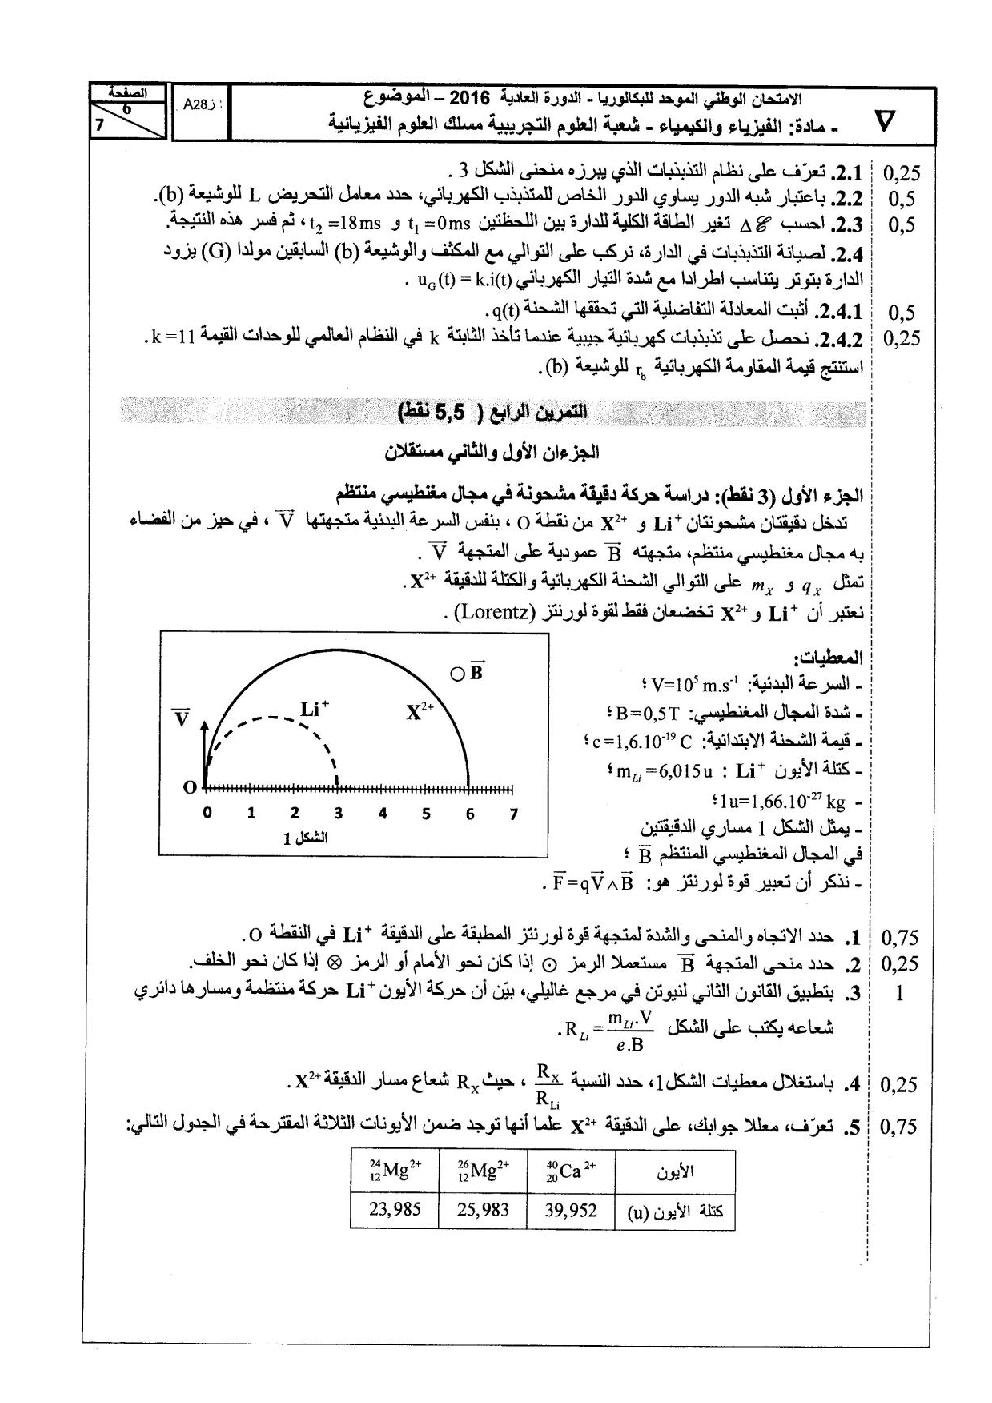 امتحانات الفيزياء وطني 2016 الثانية باك علوم فيزيائية